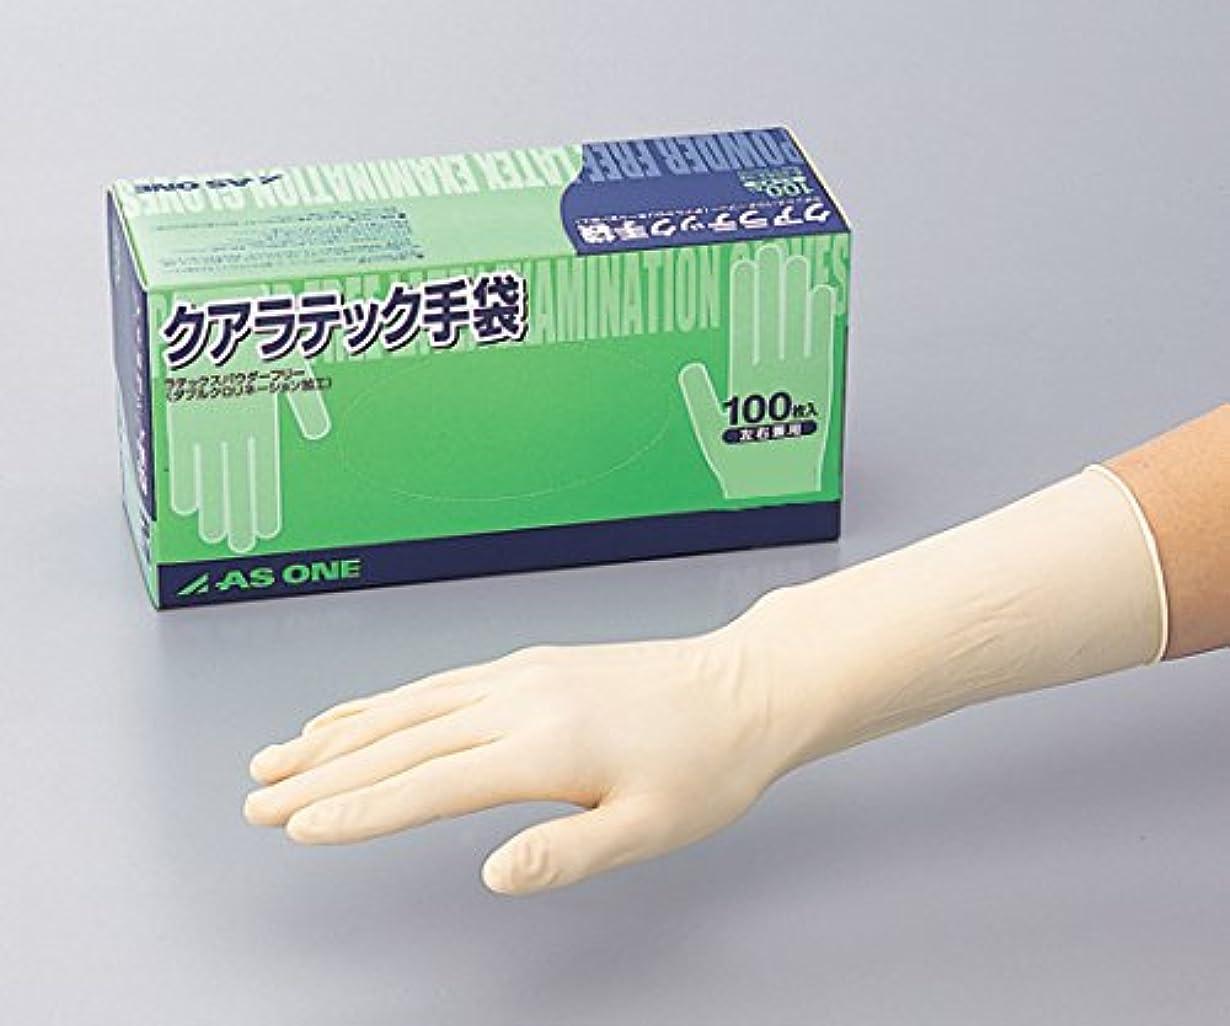 把握タイプライタースクラッチアズワン8-4053-13クアラテック手袋(DXパウダーフリー)S10箱(1000枚入)